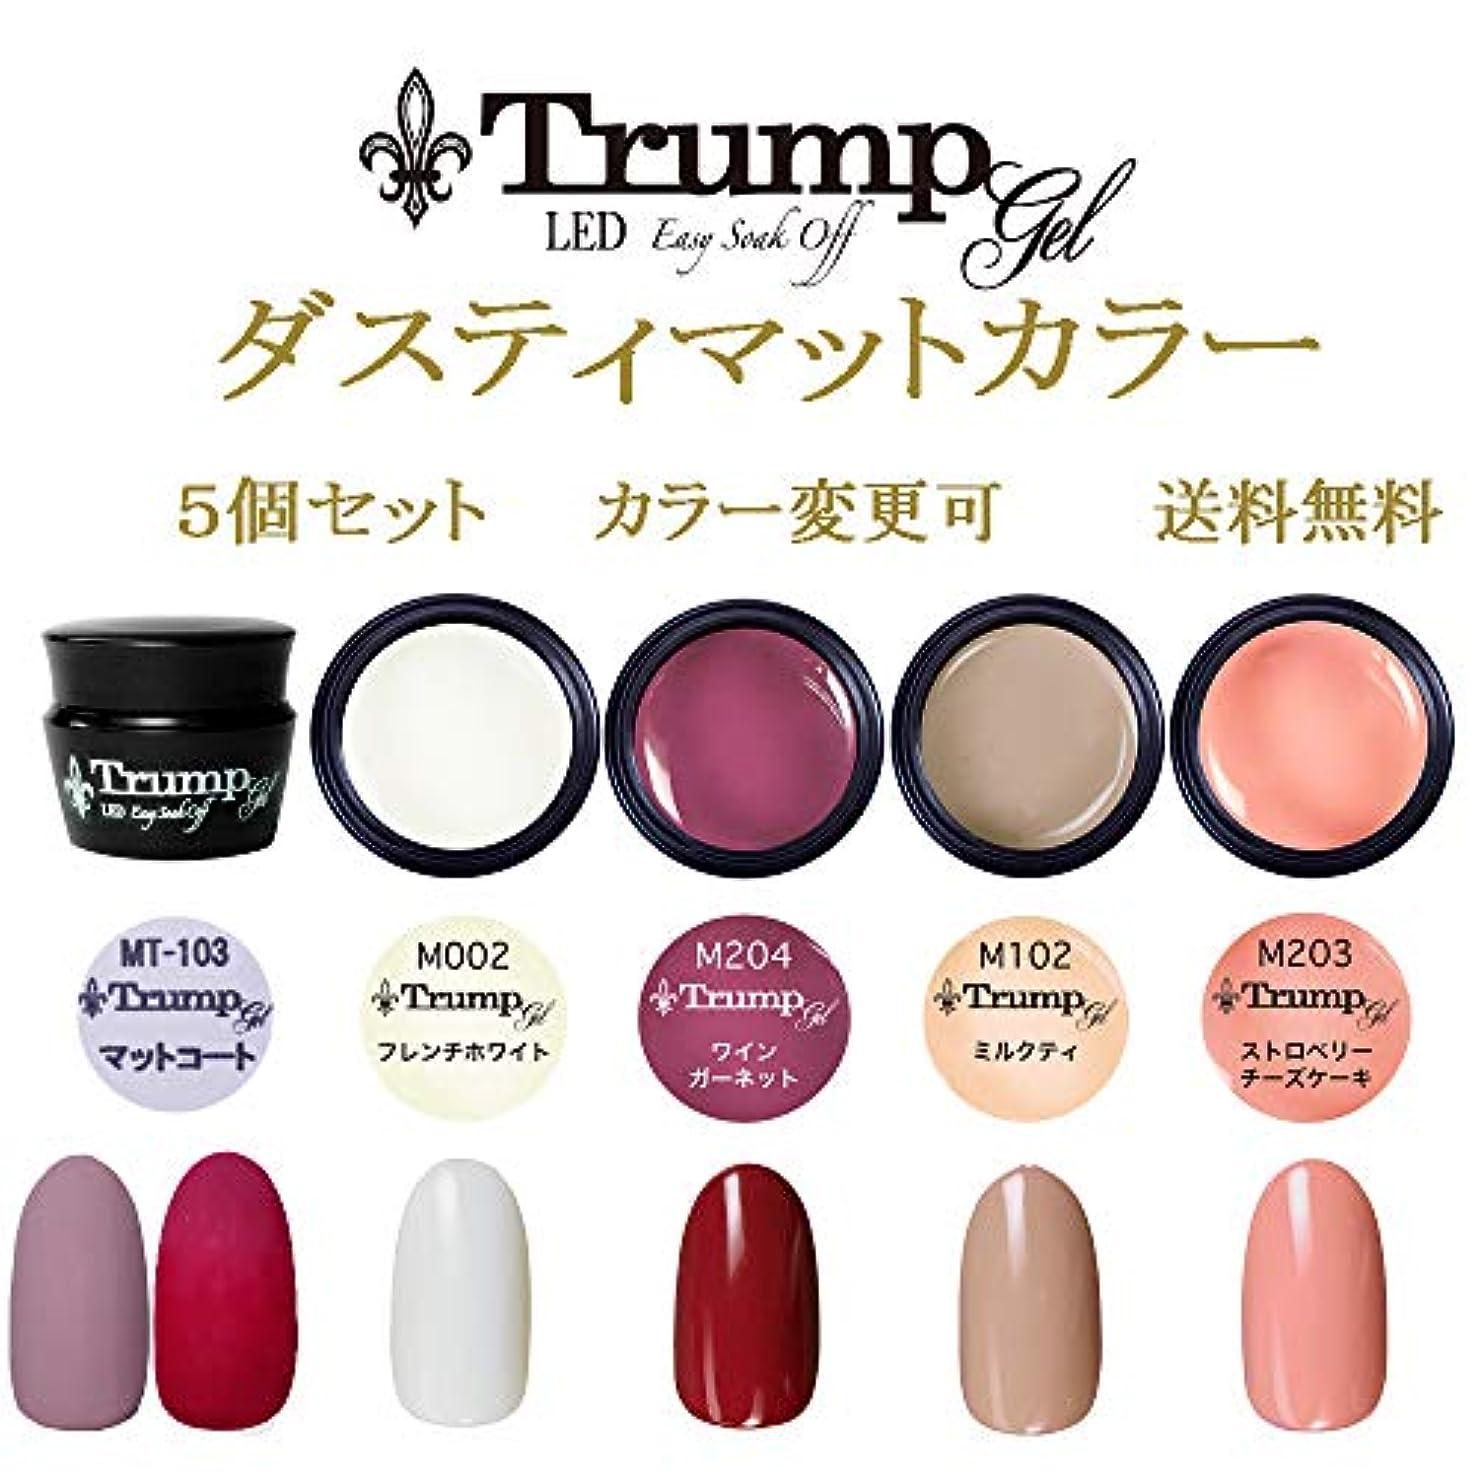 【送料無料】日本製 Trump gel トランプジェル ダスティマット カラージェル 5個セット 魅惑のフロストマットトップとマットに合う人気カラーをチョイス